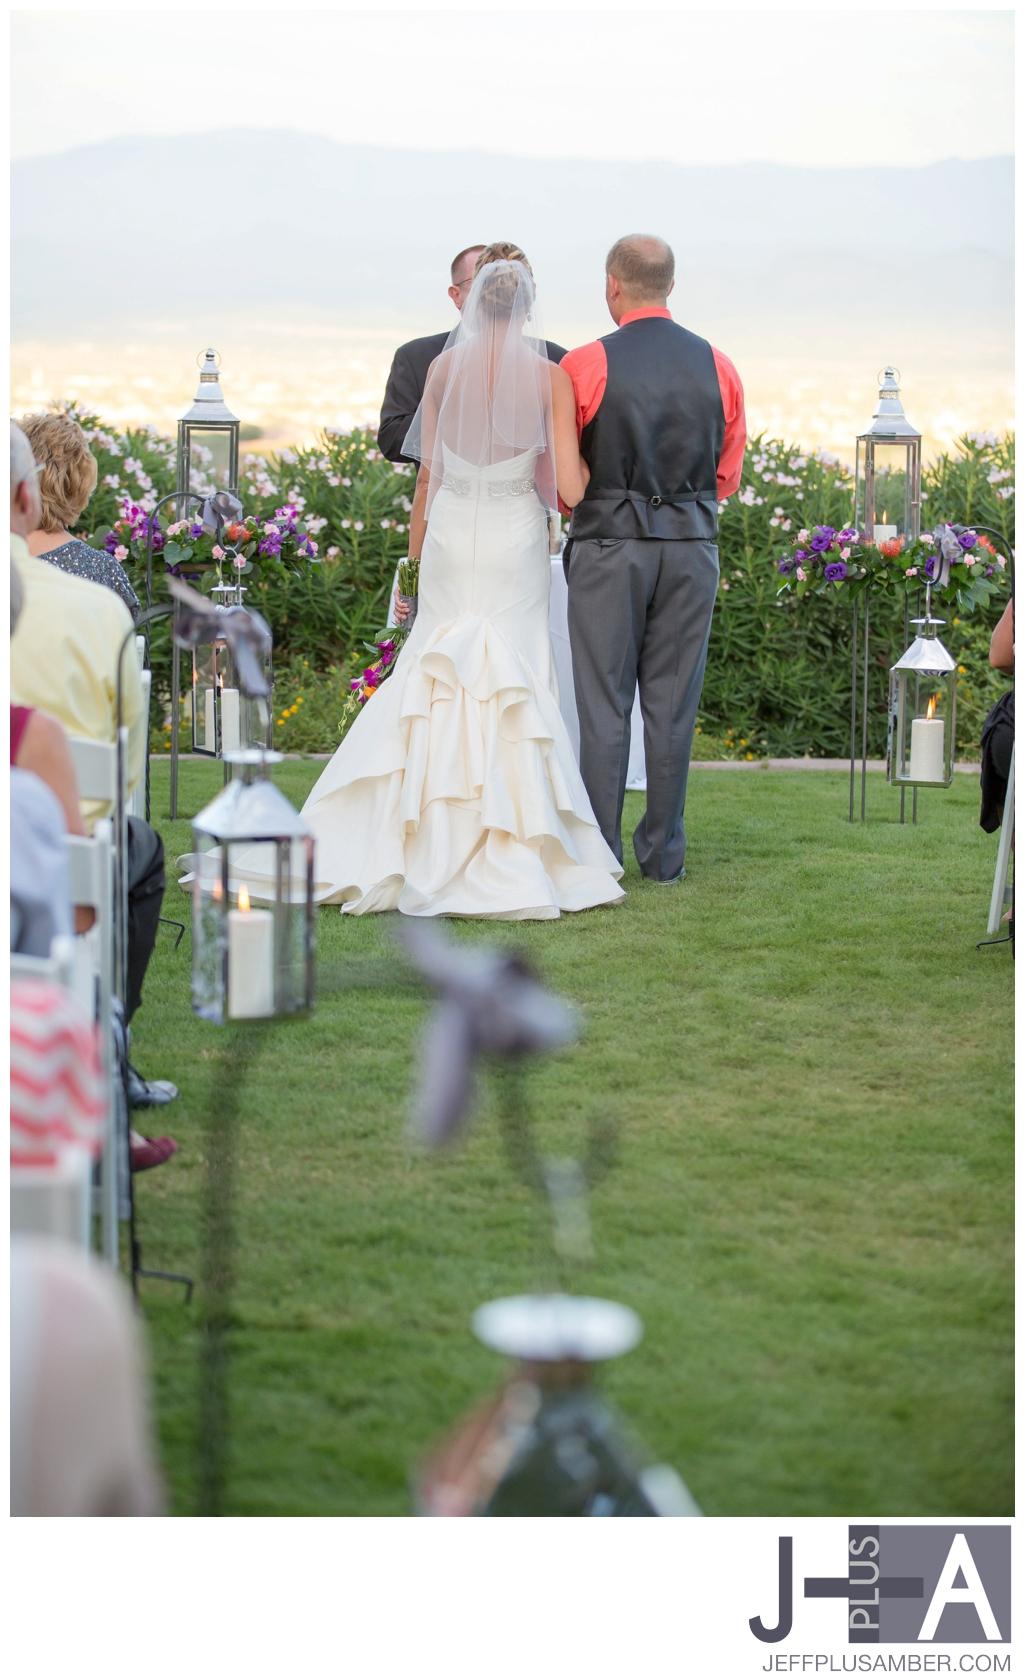 copperwynd-wedding-photography23